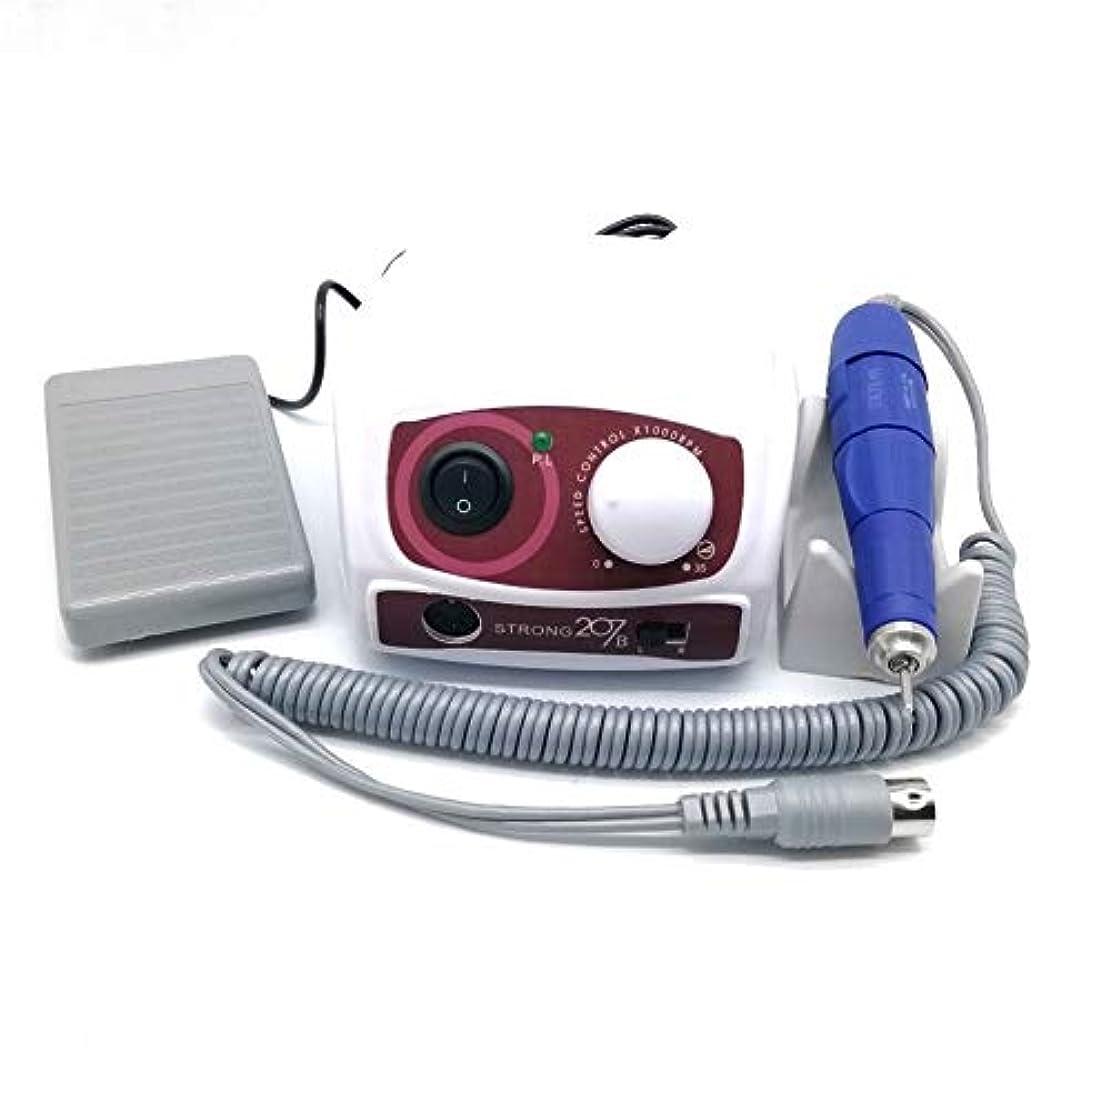 トレーニングポスト印象派施しネイルポリッシュアートマニキュアツール用電動マニキュアドリルセット35000 RPMマイクロモーター